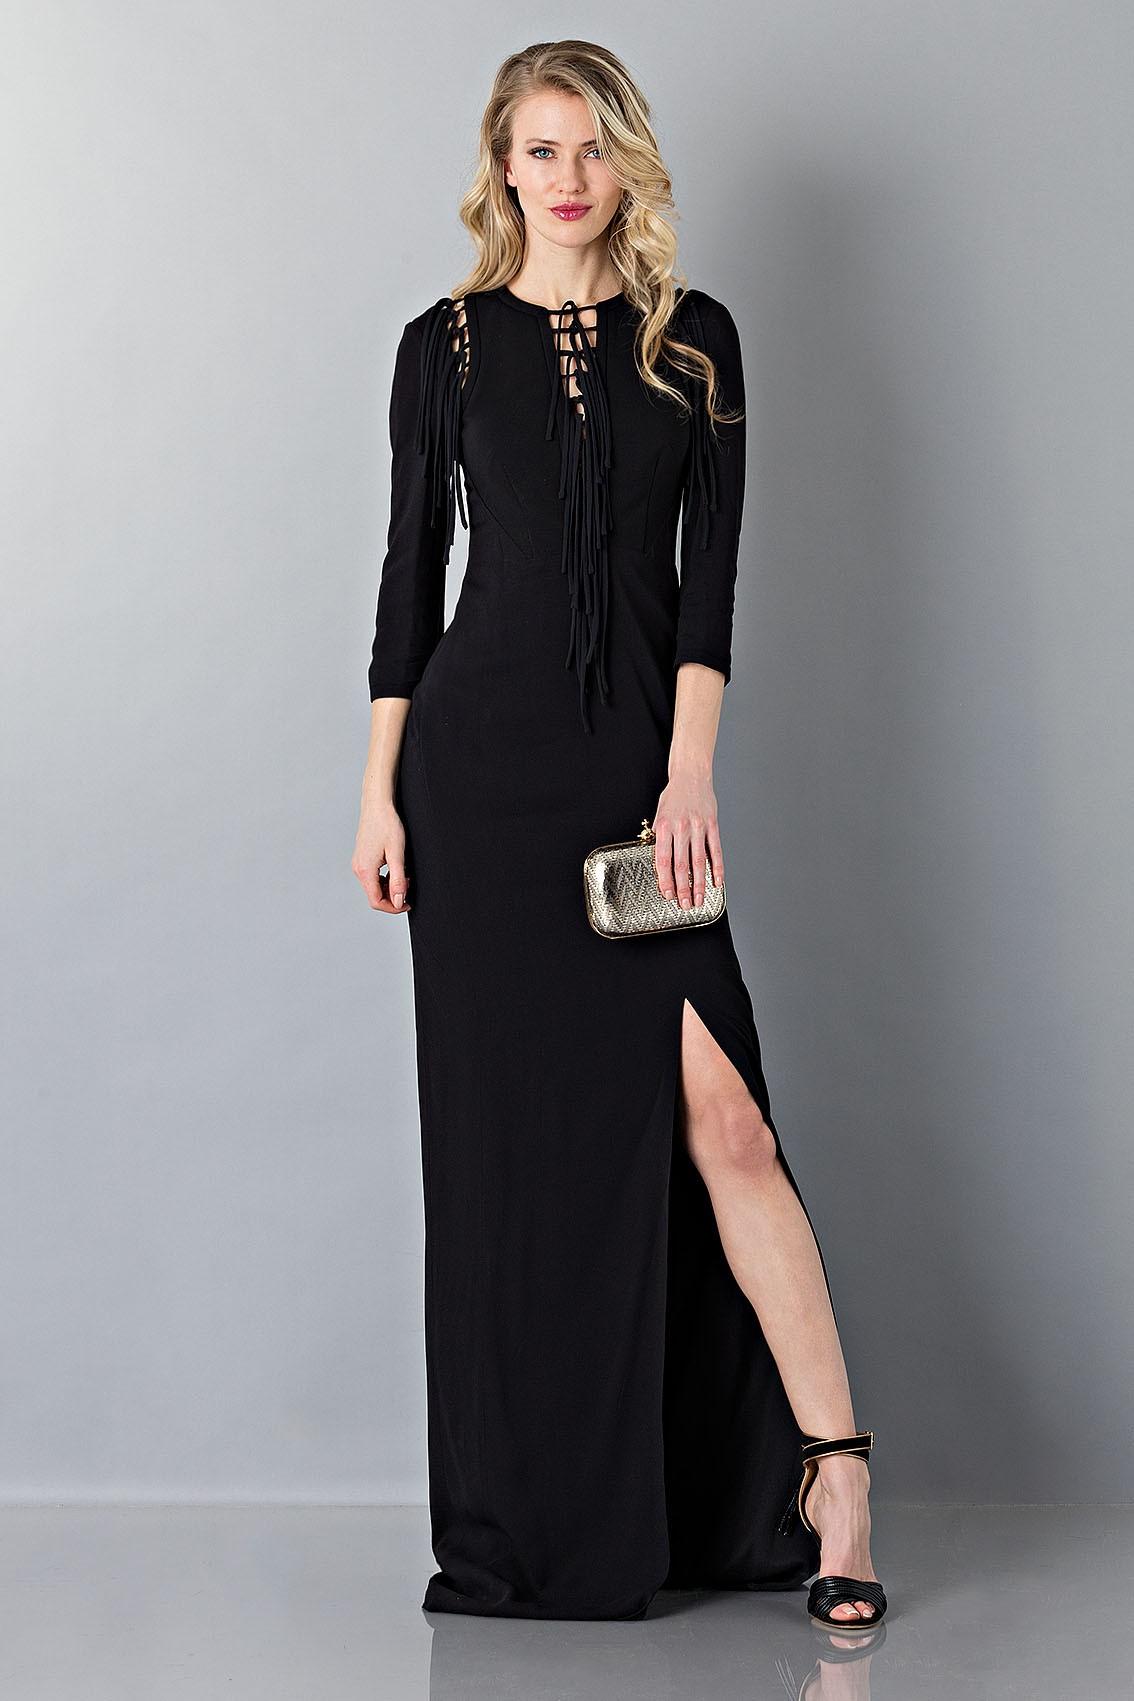 4b011bfad1d Drexcode - Antonio Berardi Robe noire Location vêtements de luxe